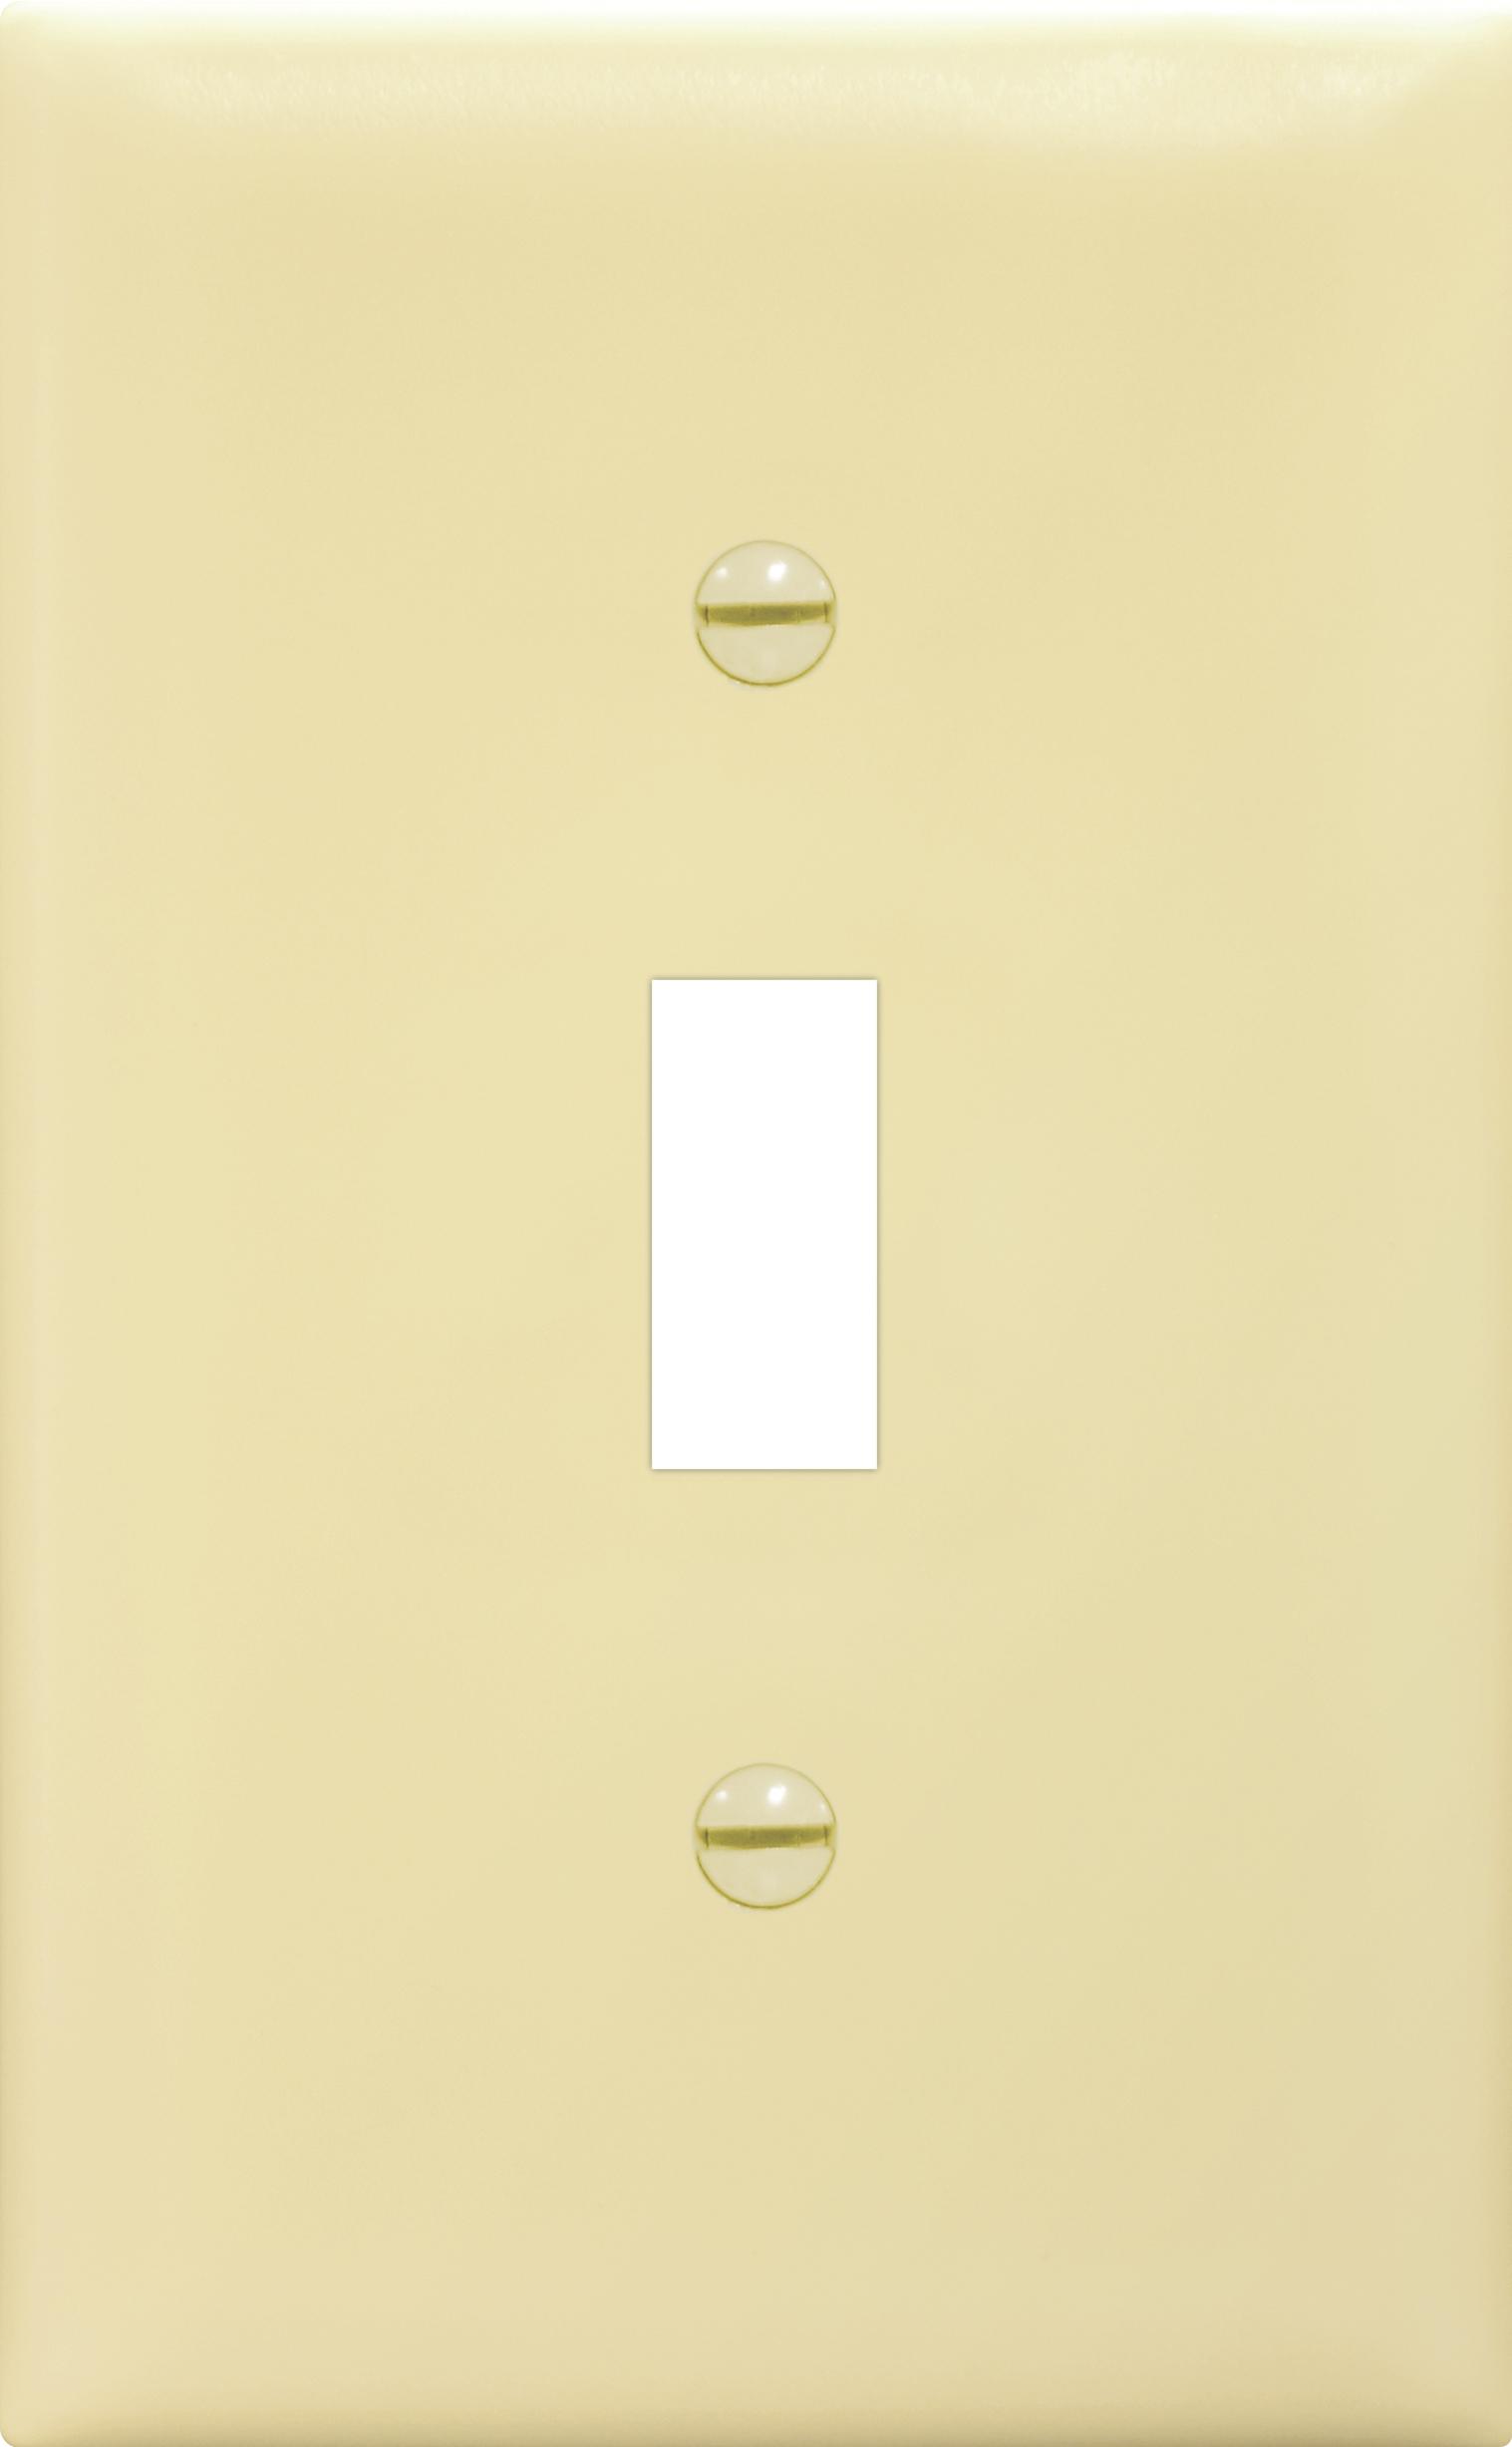 Placa de nylon para interruptor color marfil